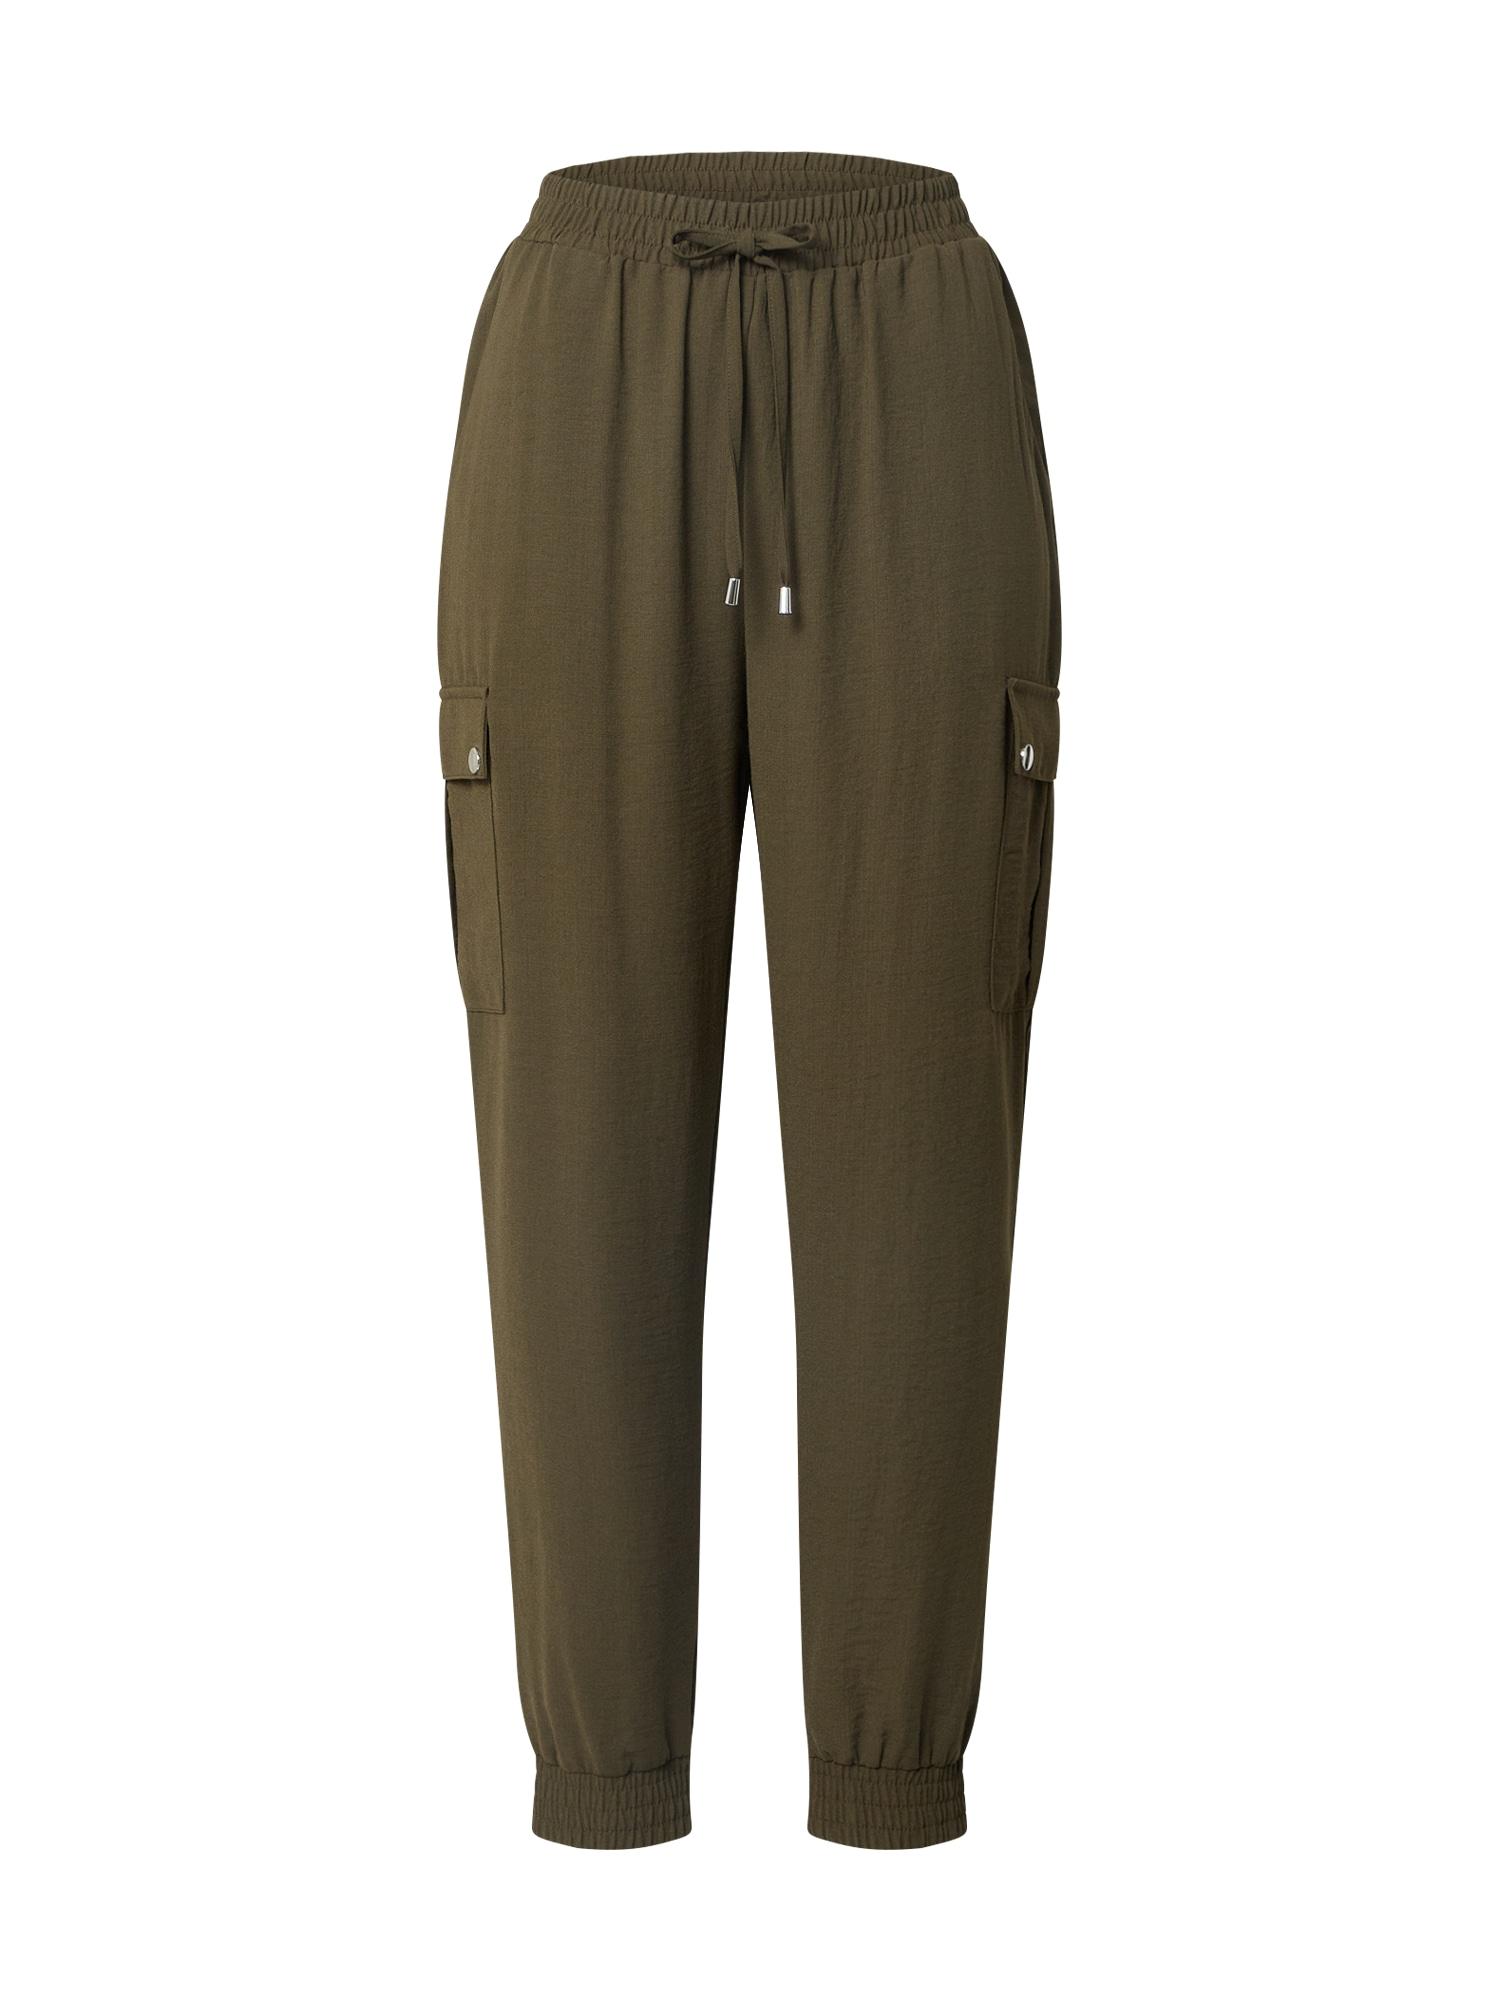 Dorothy Perkins Laisvo stiliaus kelnės 'Cargo Jogger' rusvai žalia